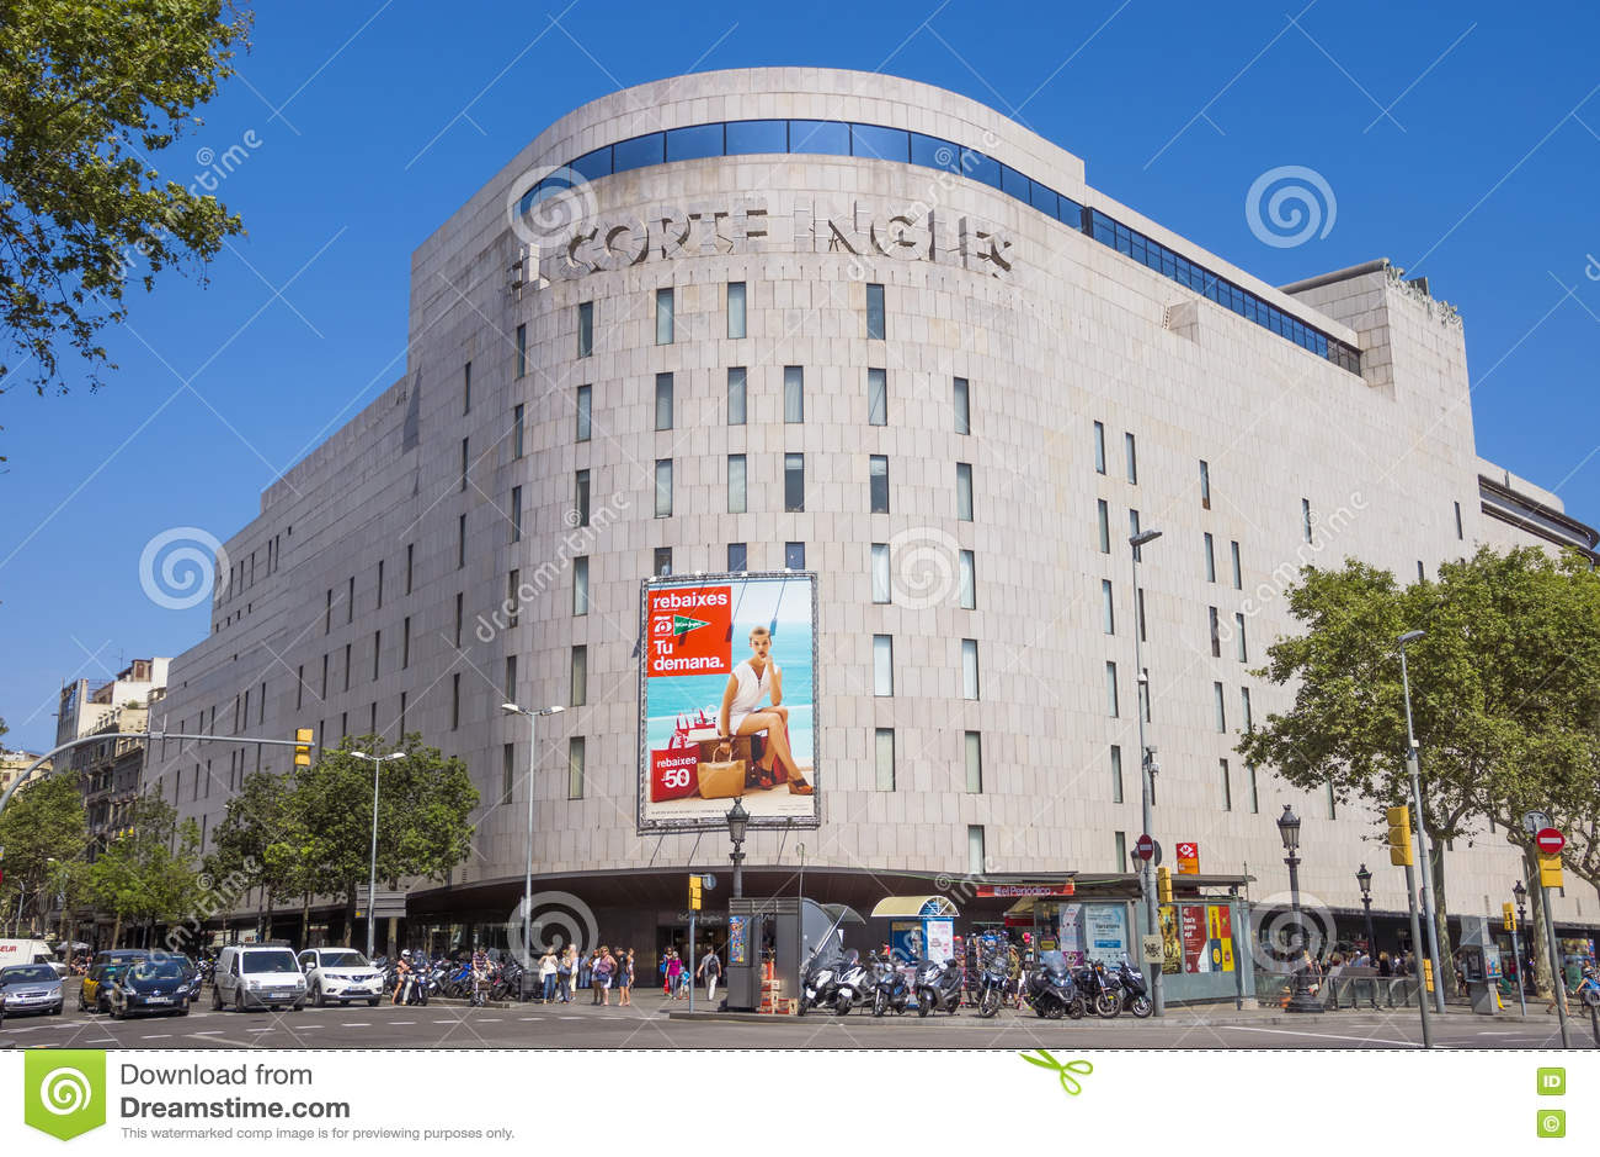 The mall el corte ingles barcelona editorial image - El corte ingles plaza cataluna barcelona ...